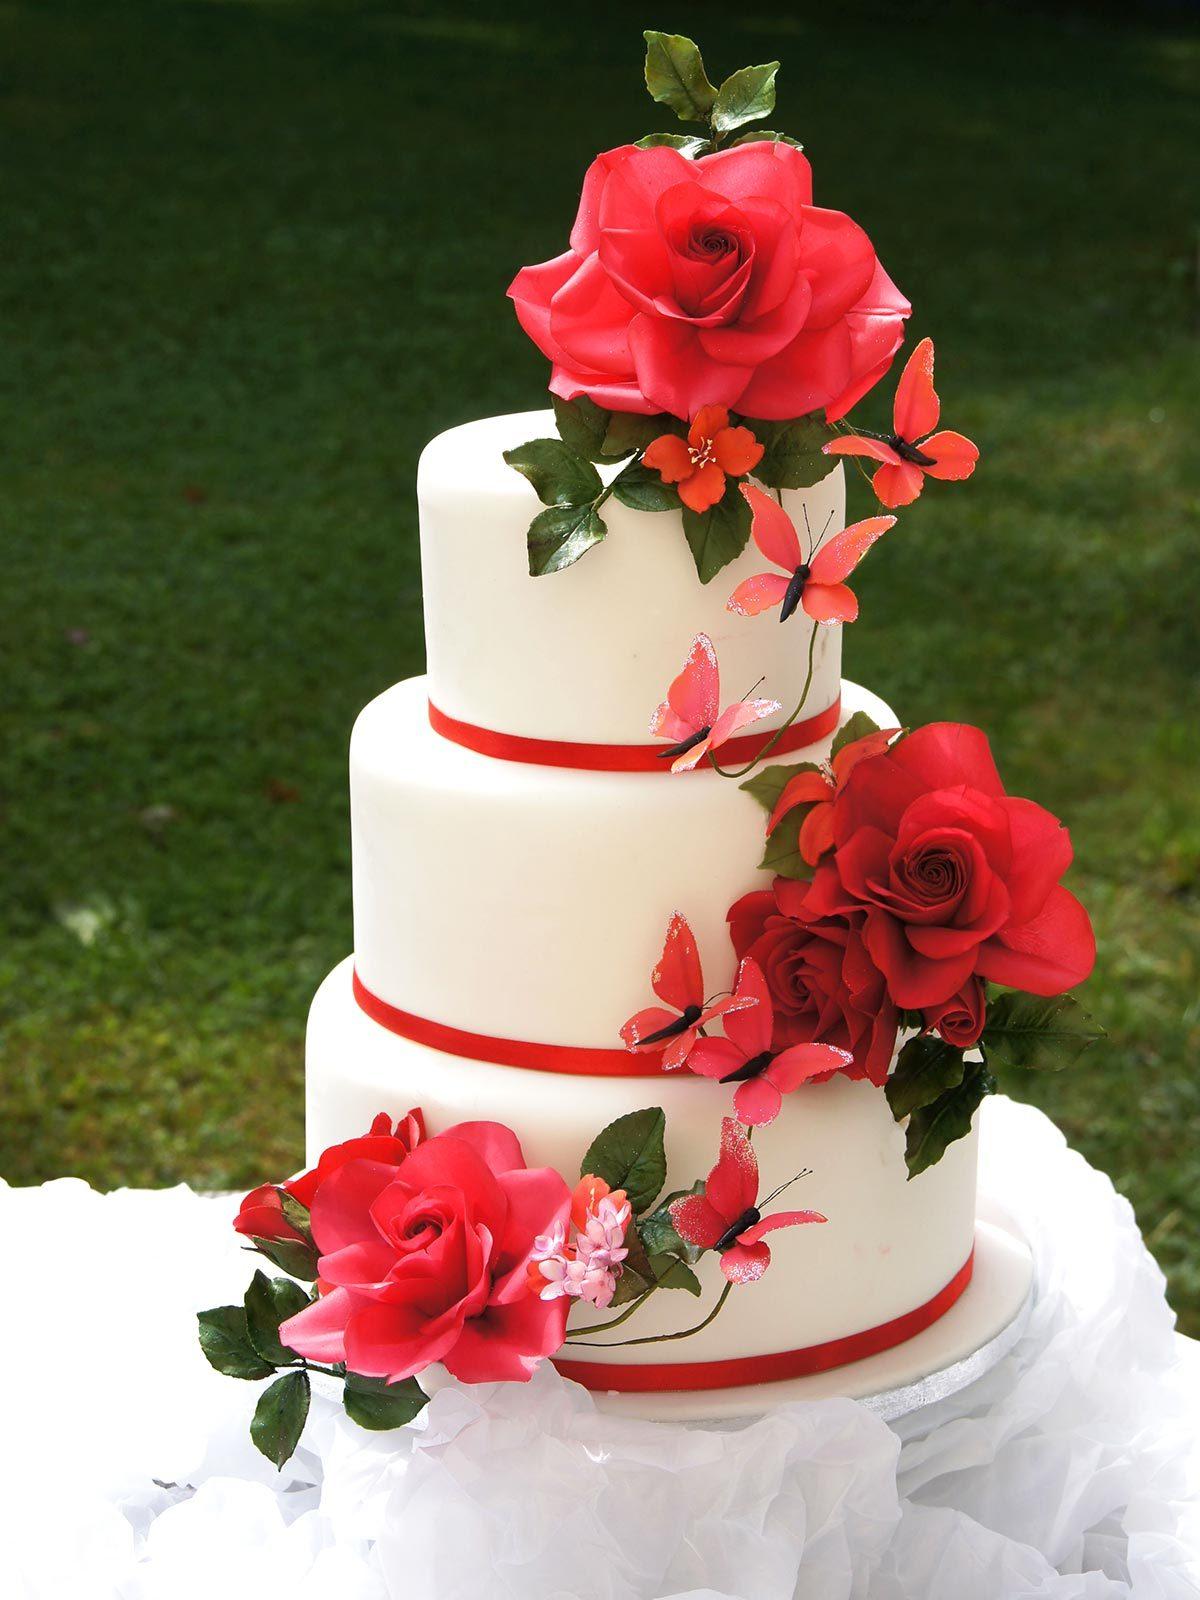 hochzeits torte rote rosen auf. Black Bedroom Furniture Sets. Home Design Ideas